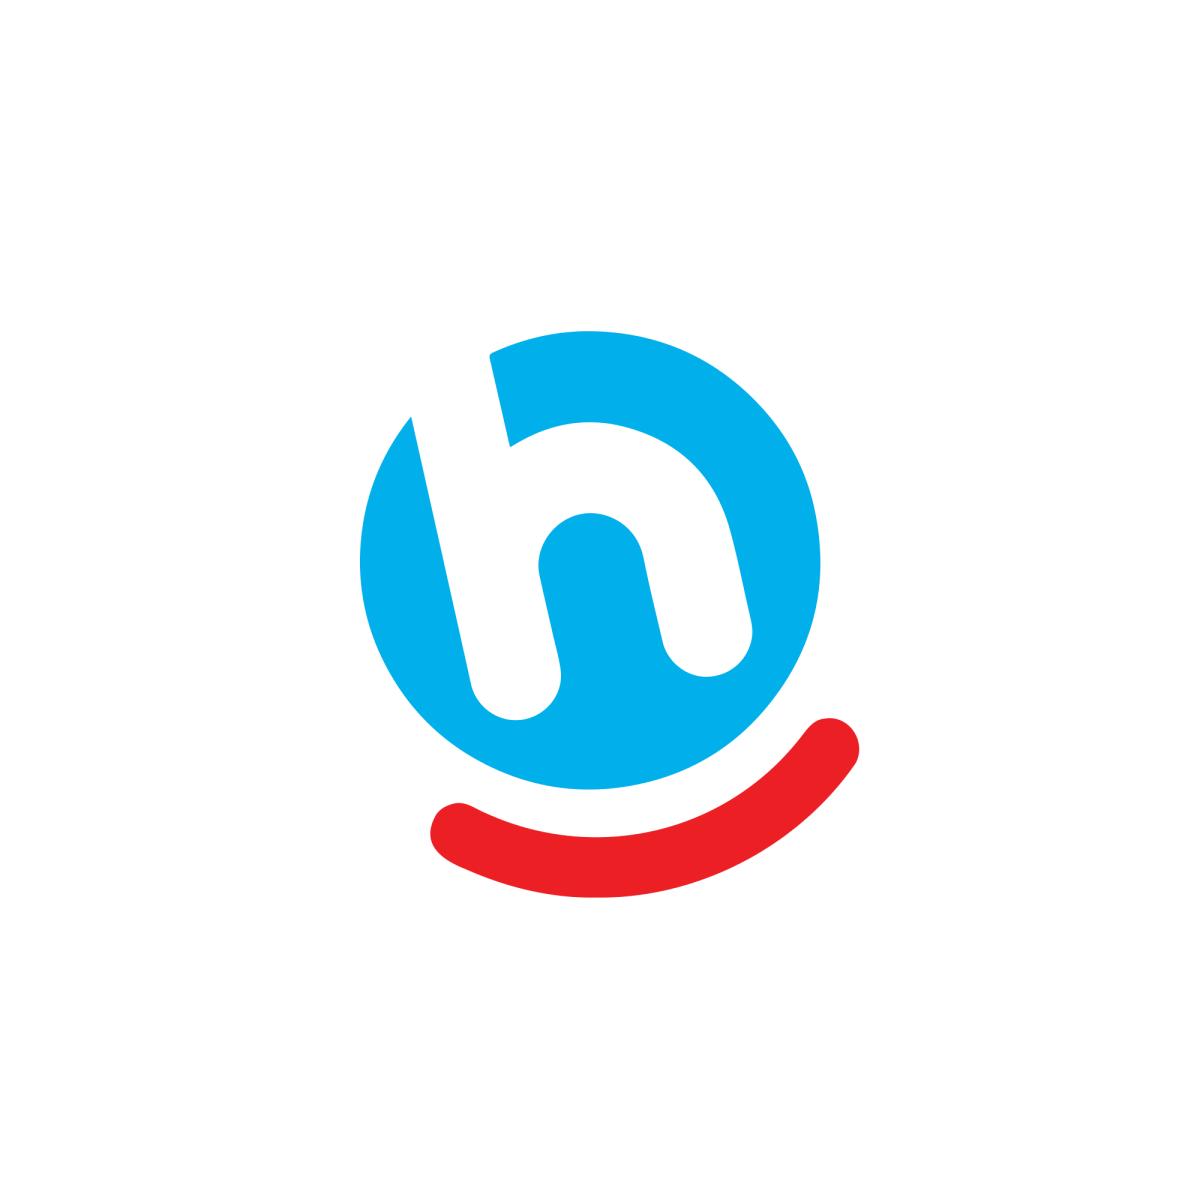 Hoogvliet Logo Netherlands H Logos Letter Logo Smile Logo